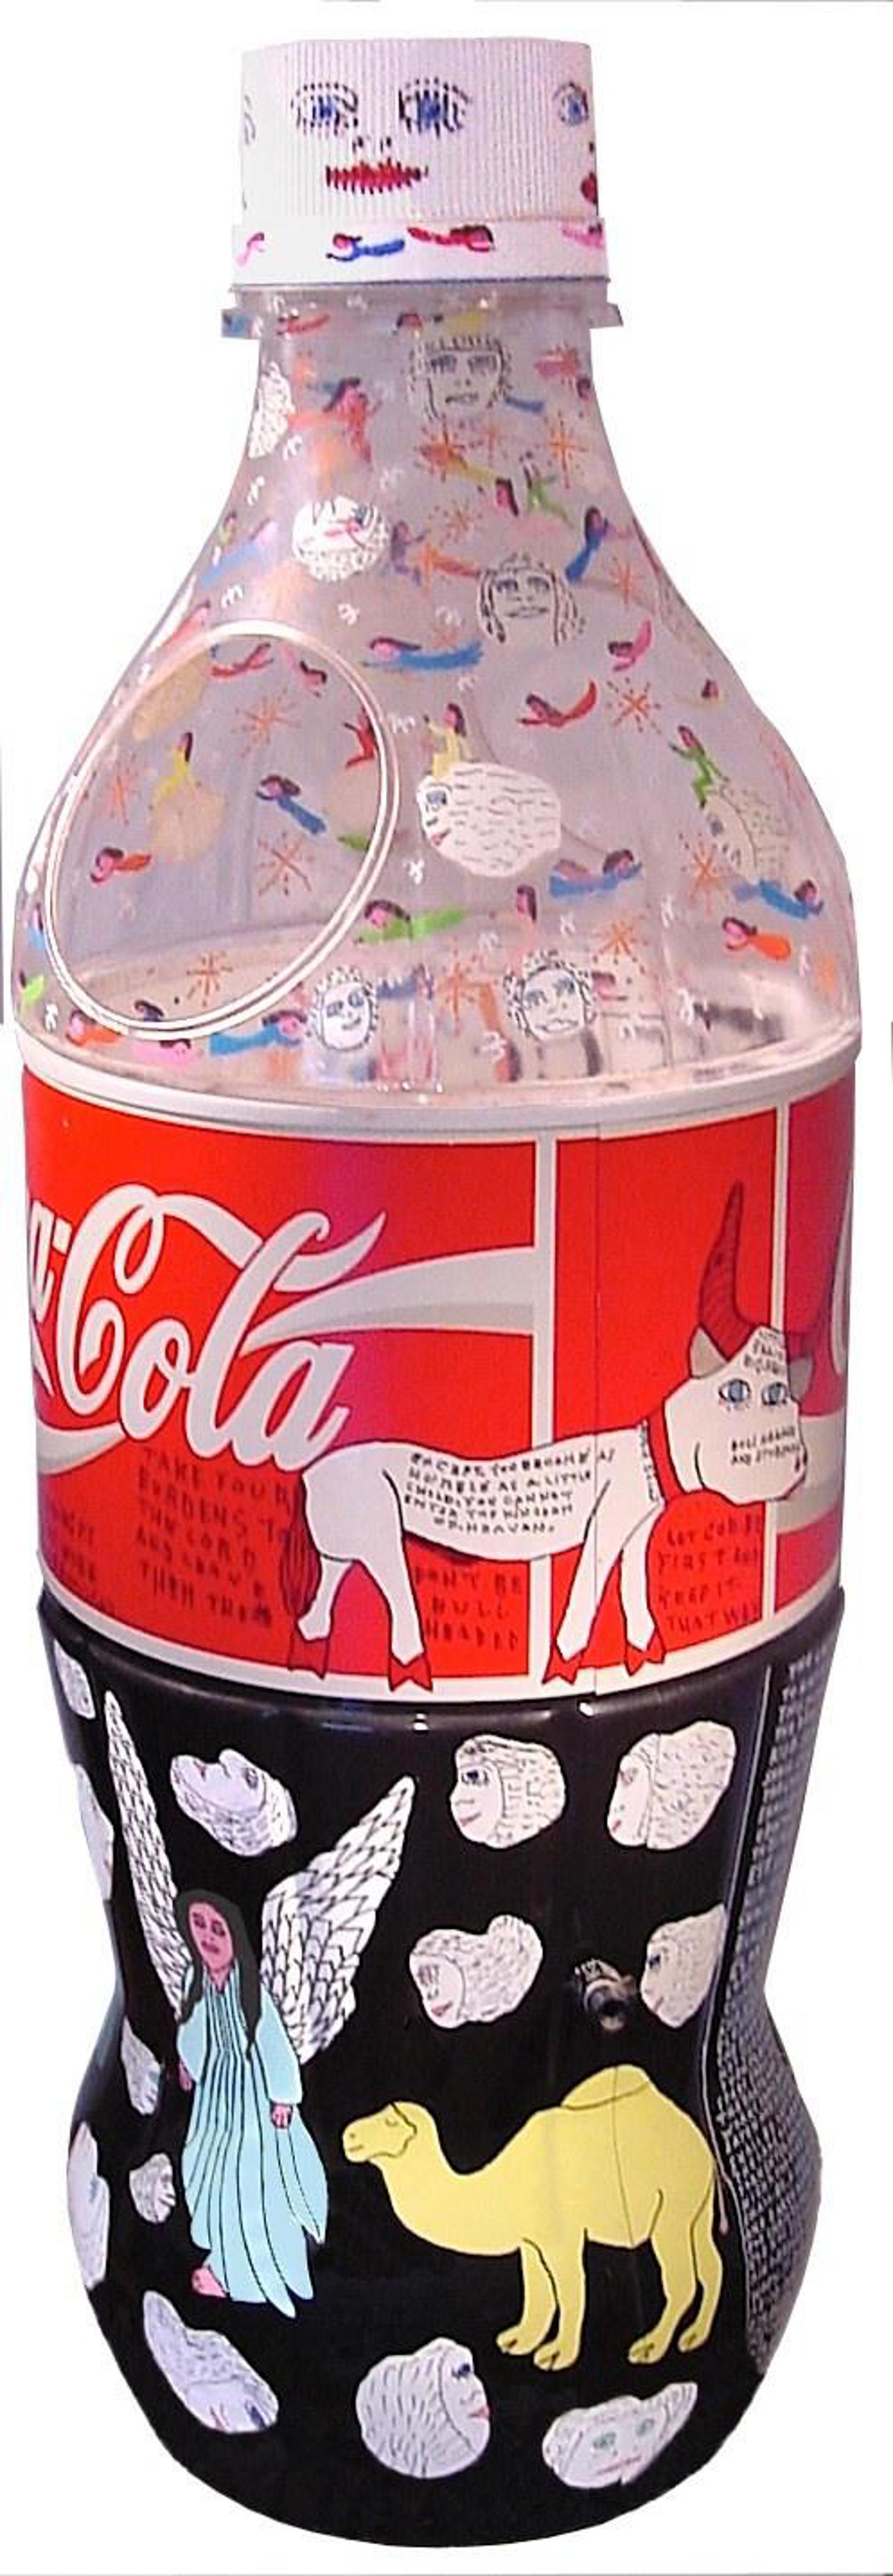 3-D POP Coke Bottle by Howard Finster